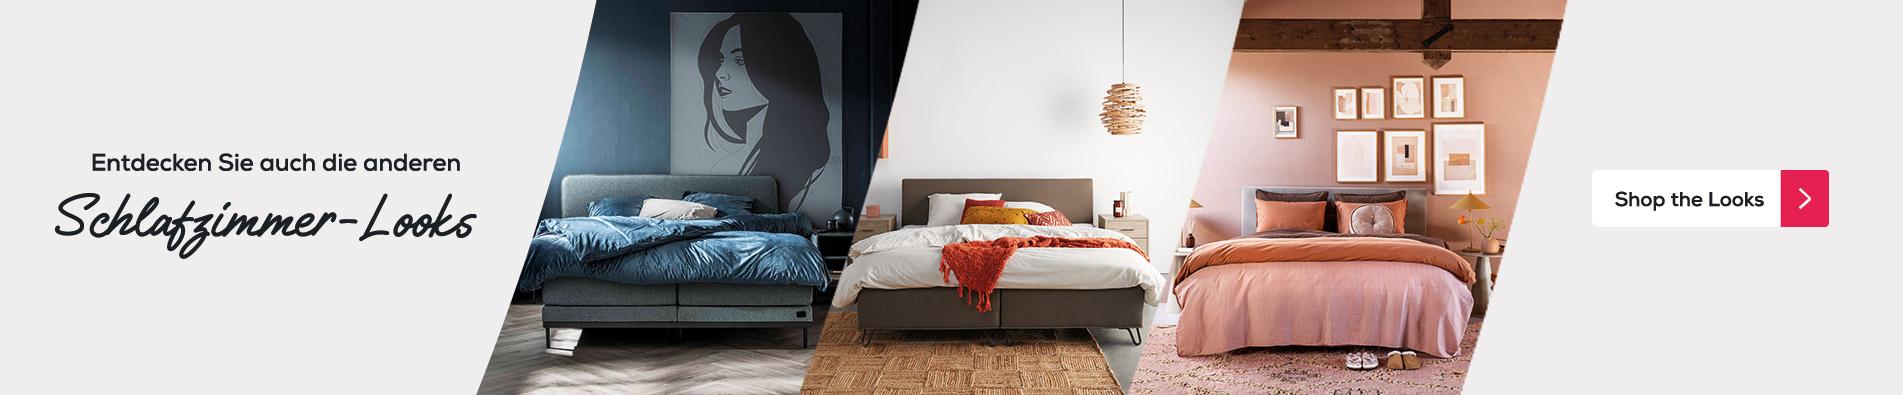 Entdecken Sie auch die anderen Schlafzimmer-Looks